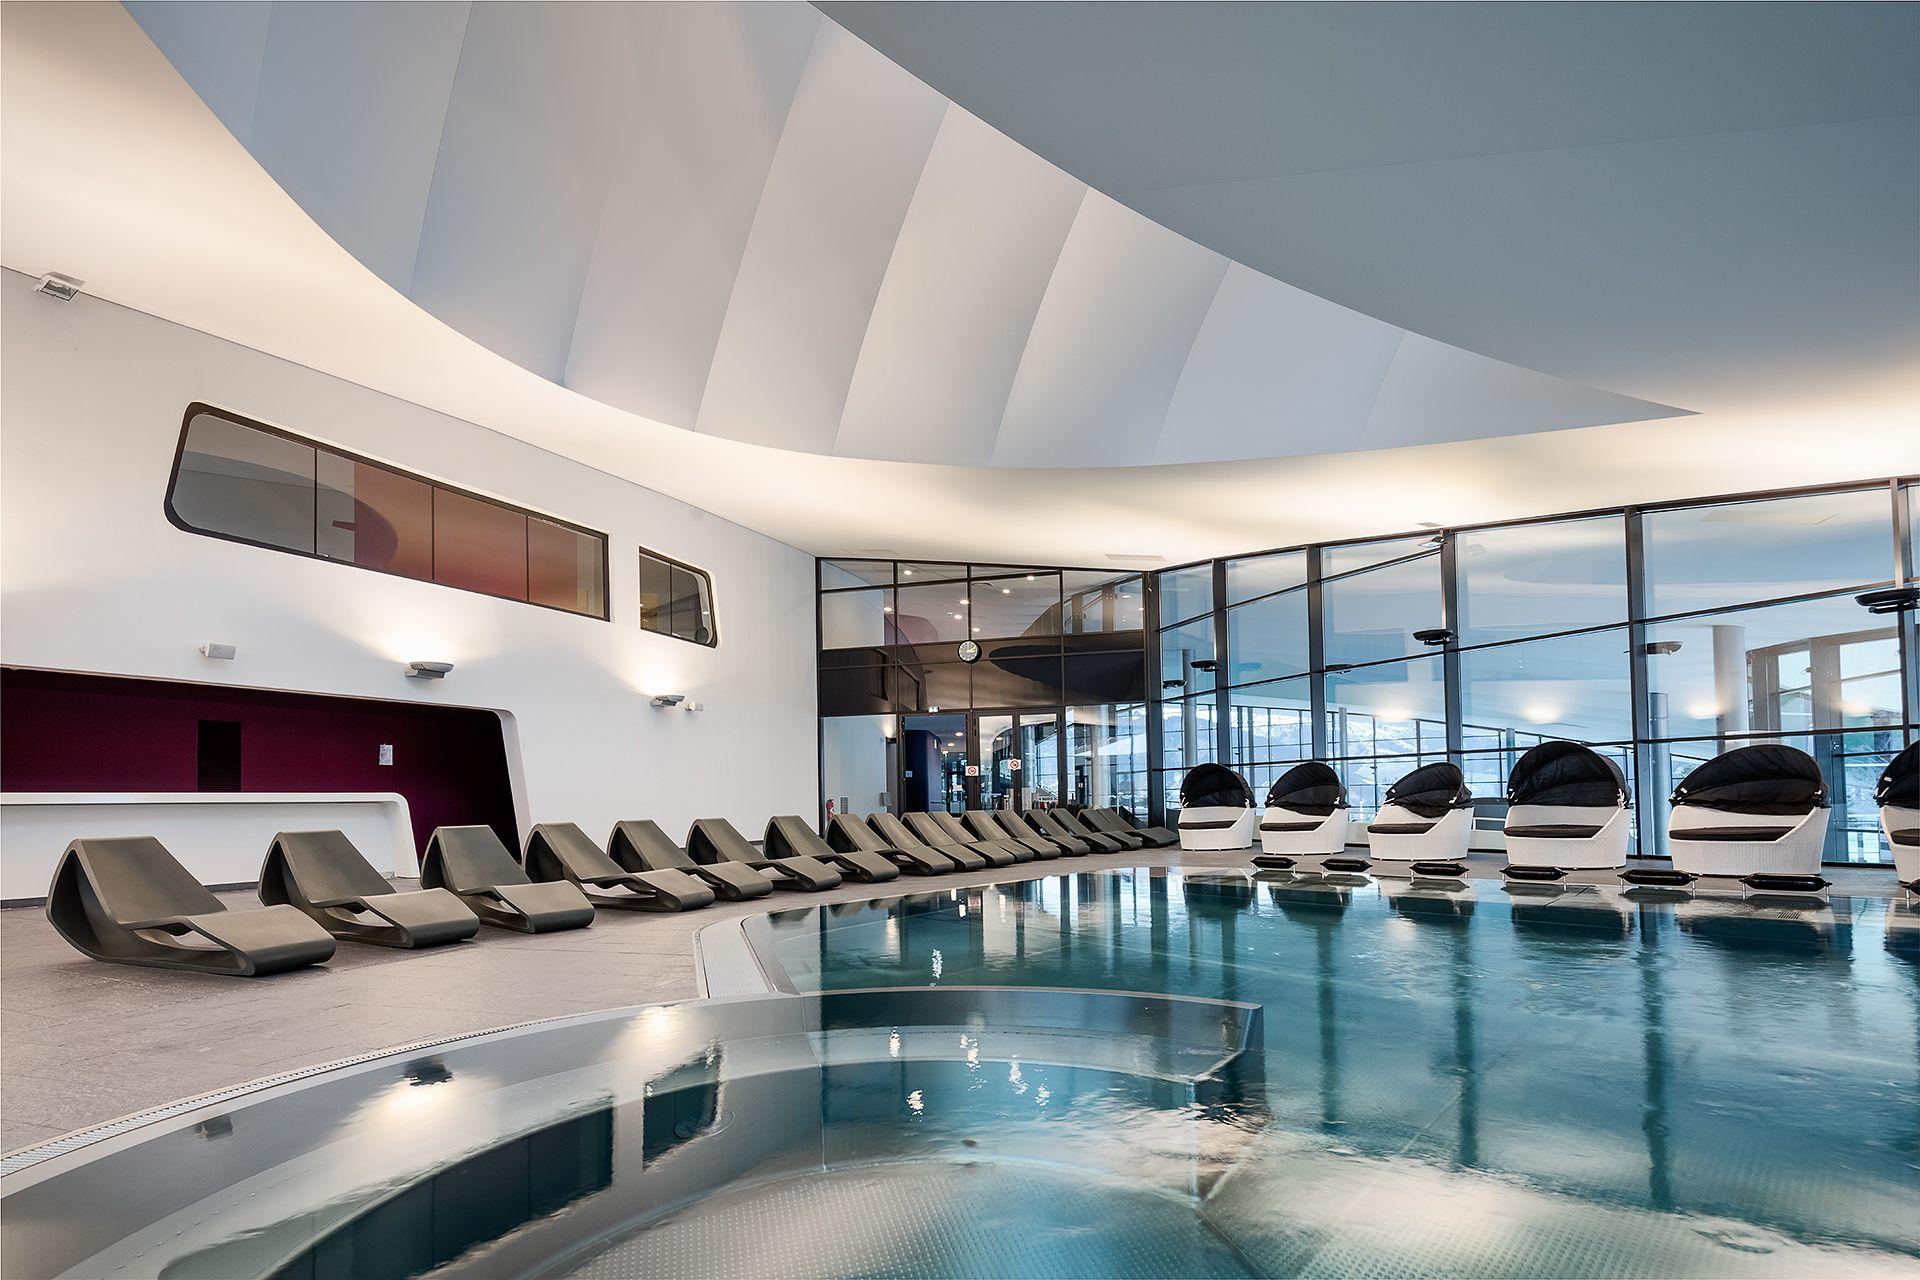 Aquamotion | Piste De Danse, Spa Et Balneo intérieur Piscine Plus Le Cres